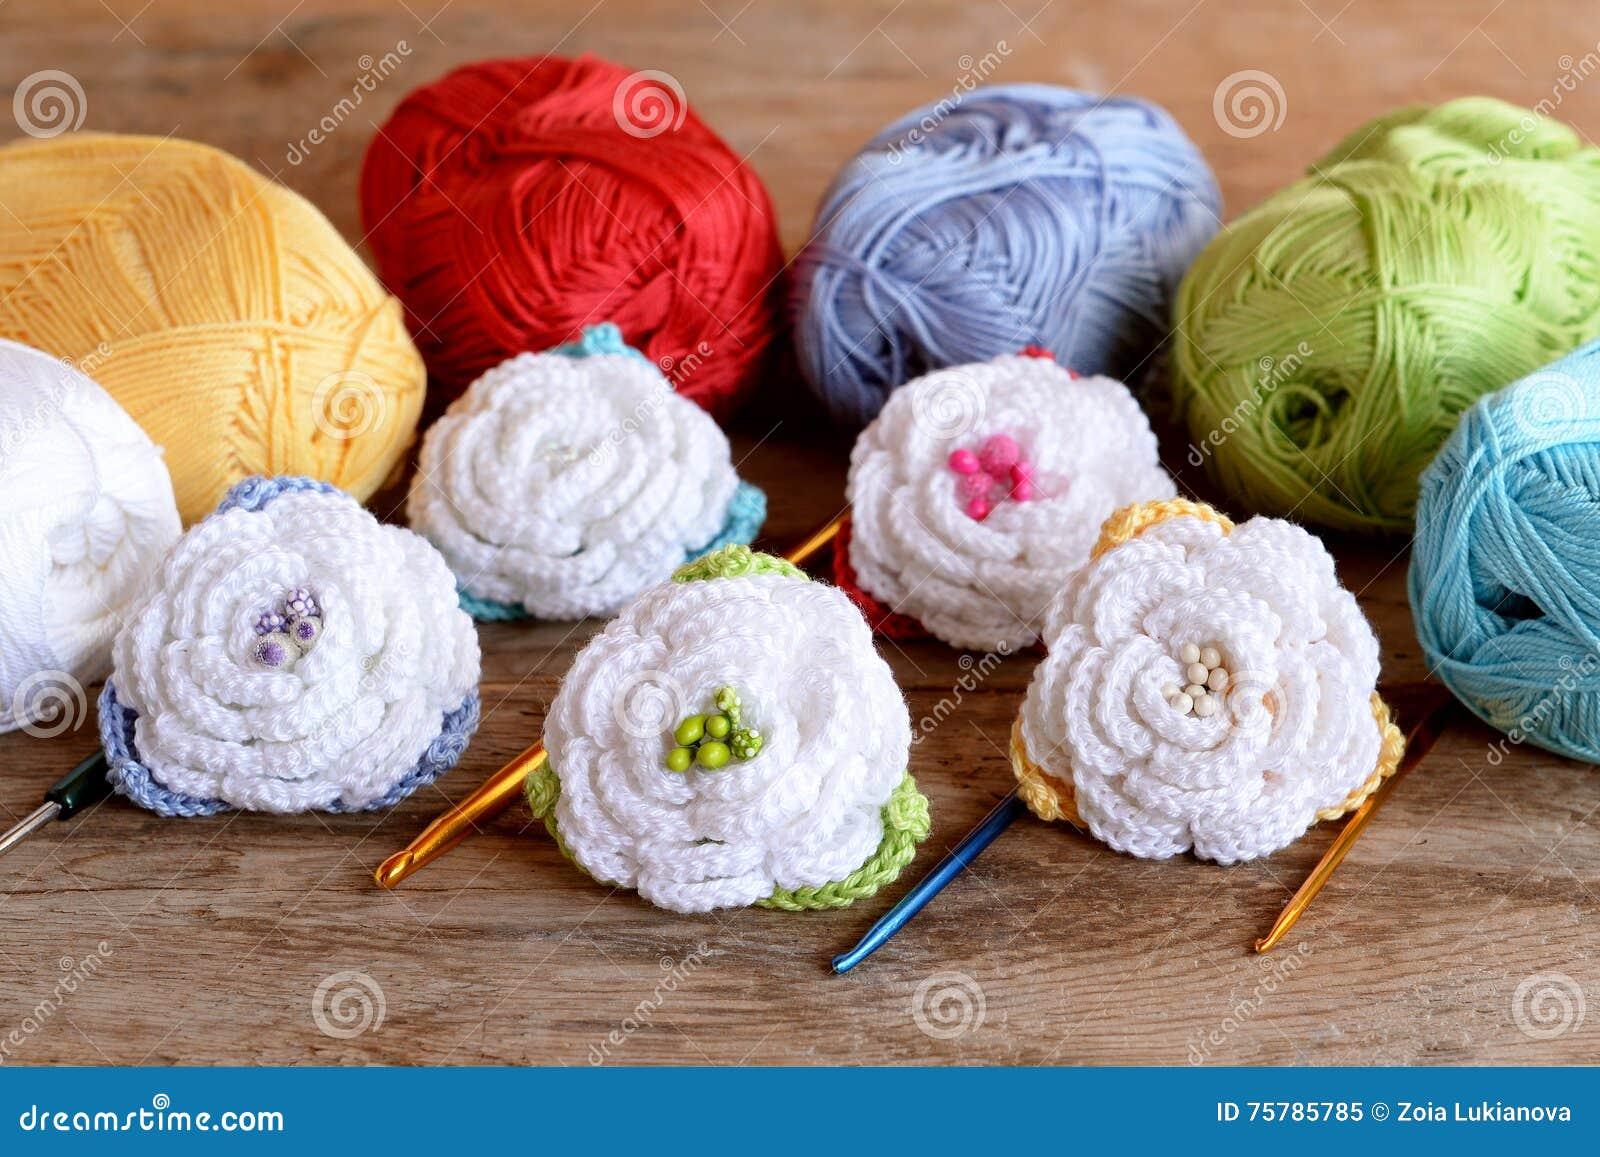 Häkeln Sie Blumenausrüstung Baumwollgarnstränge Haken Der